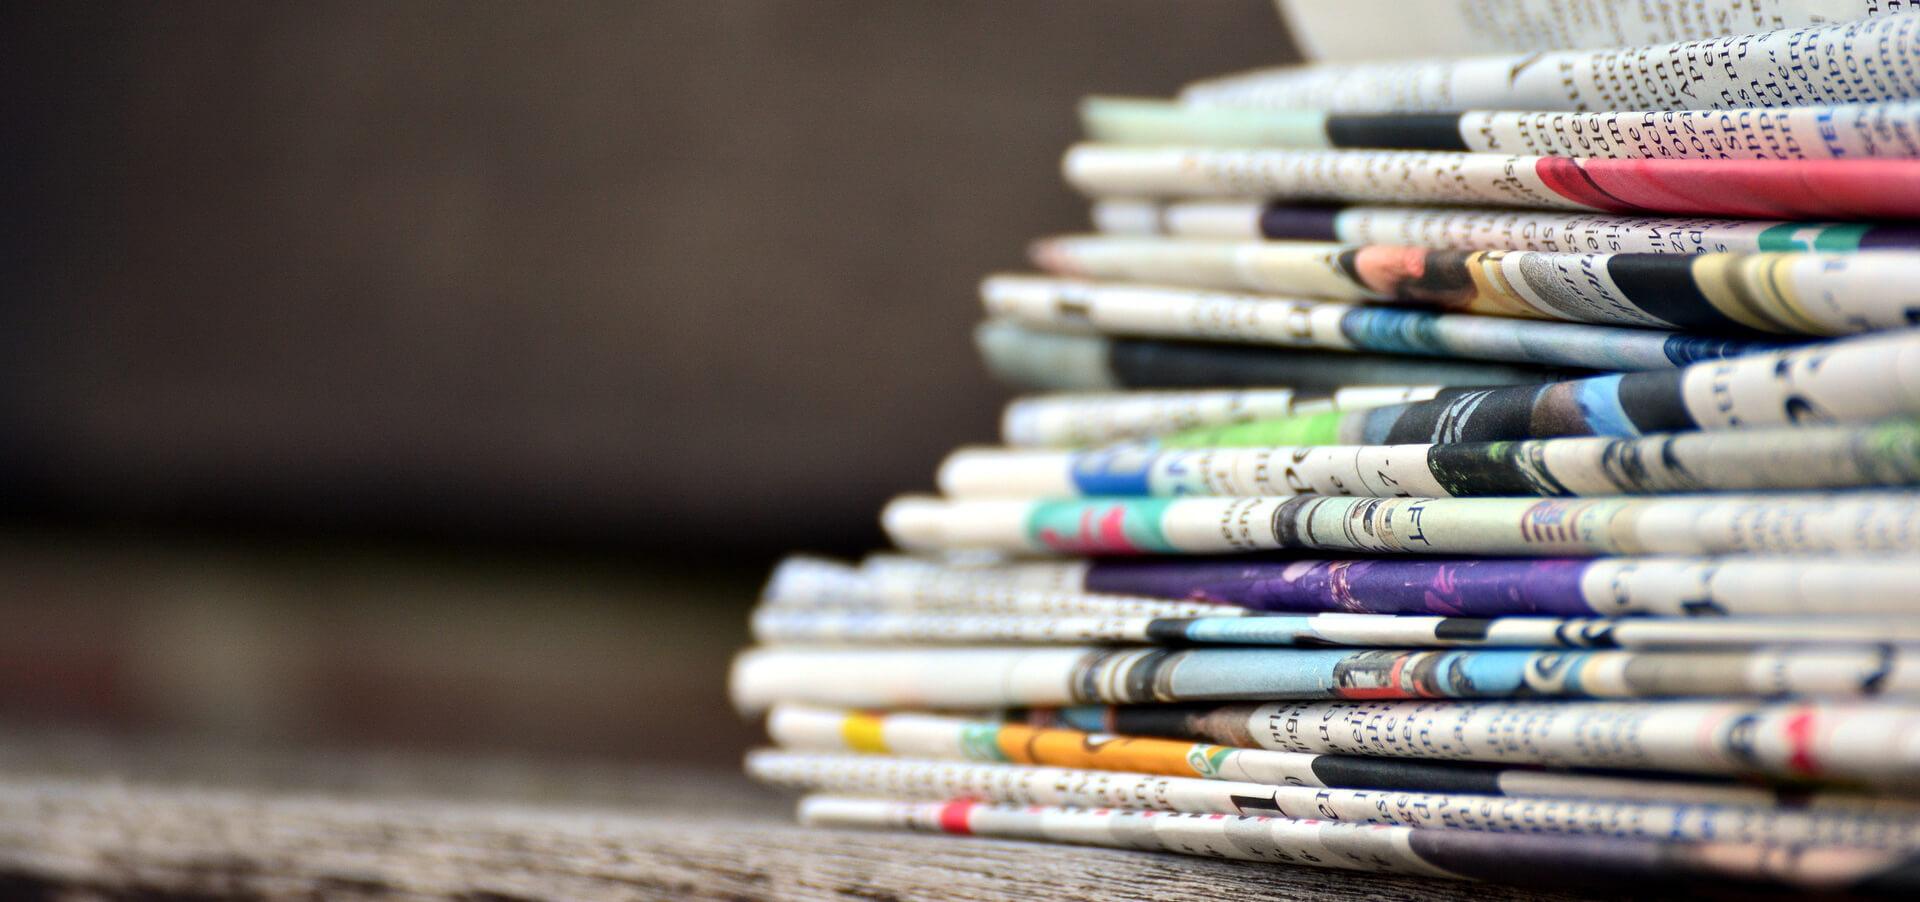 difusion en medios